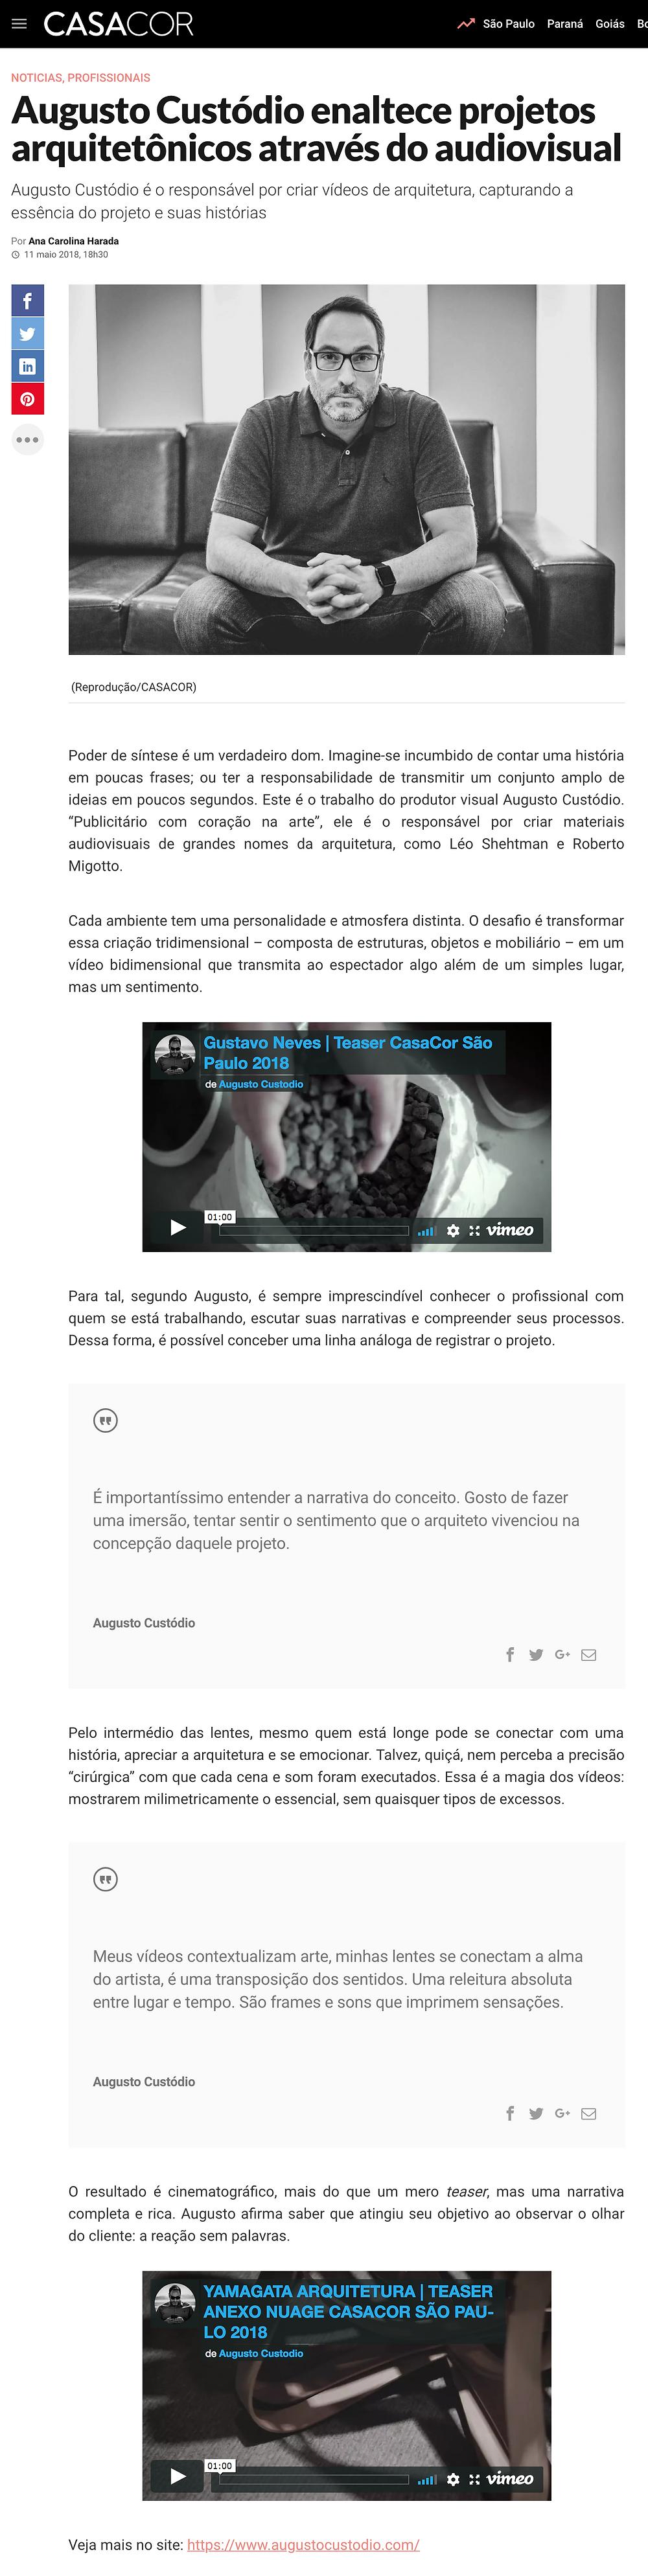 Augusto Custodio matéria revista CasaCor maio de 2018.